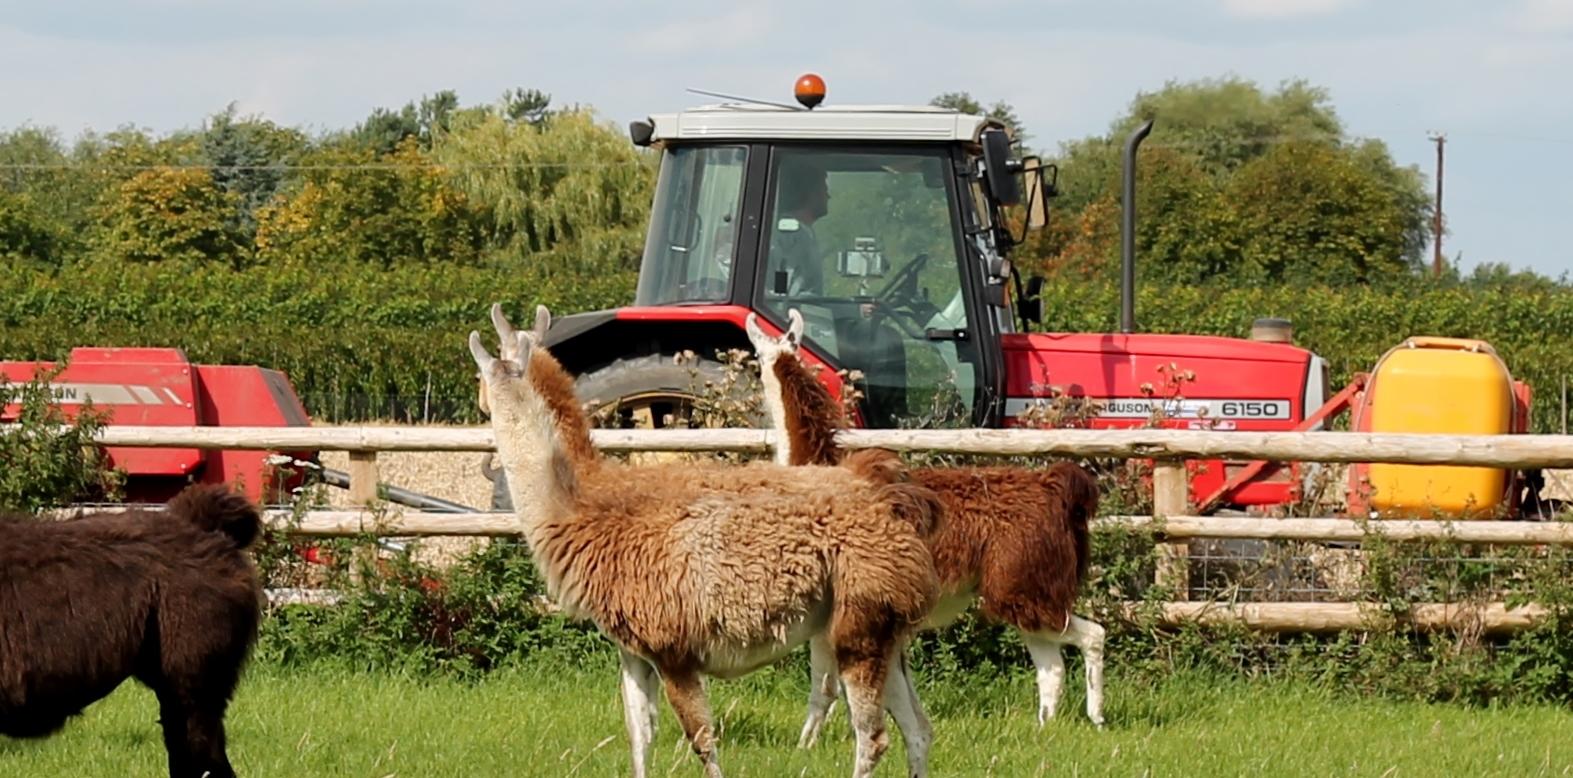 Llamas watching a tractor